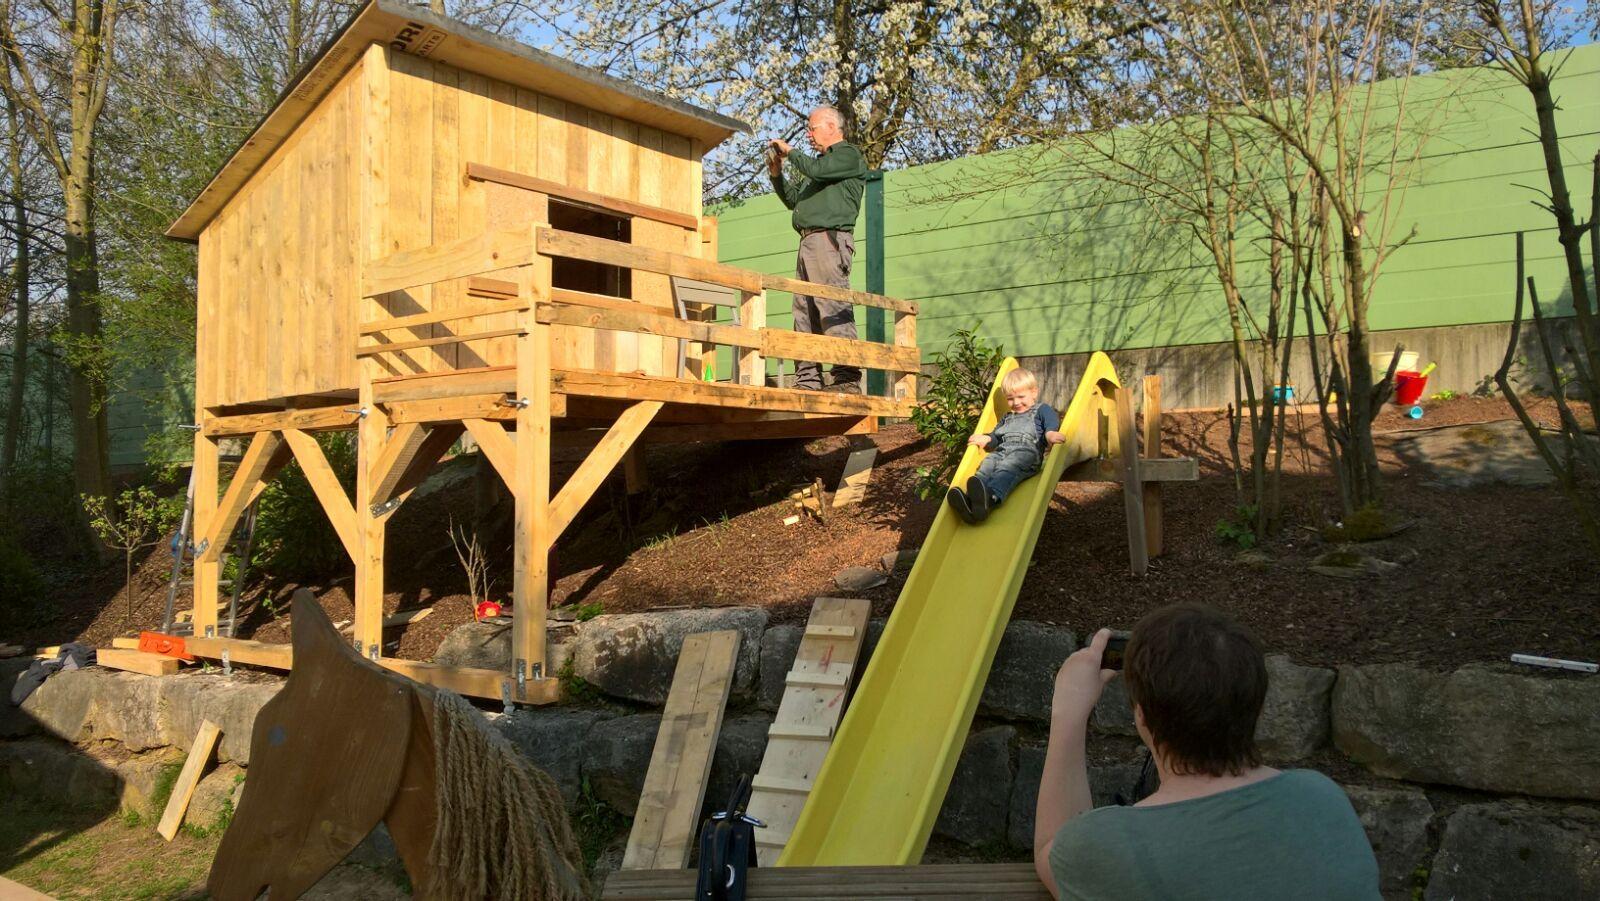 Kinderspielhaus Am Hang Bauanleitung Zum Selber Bauen Garten